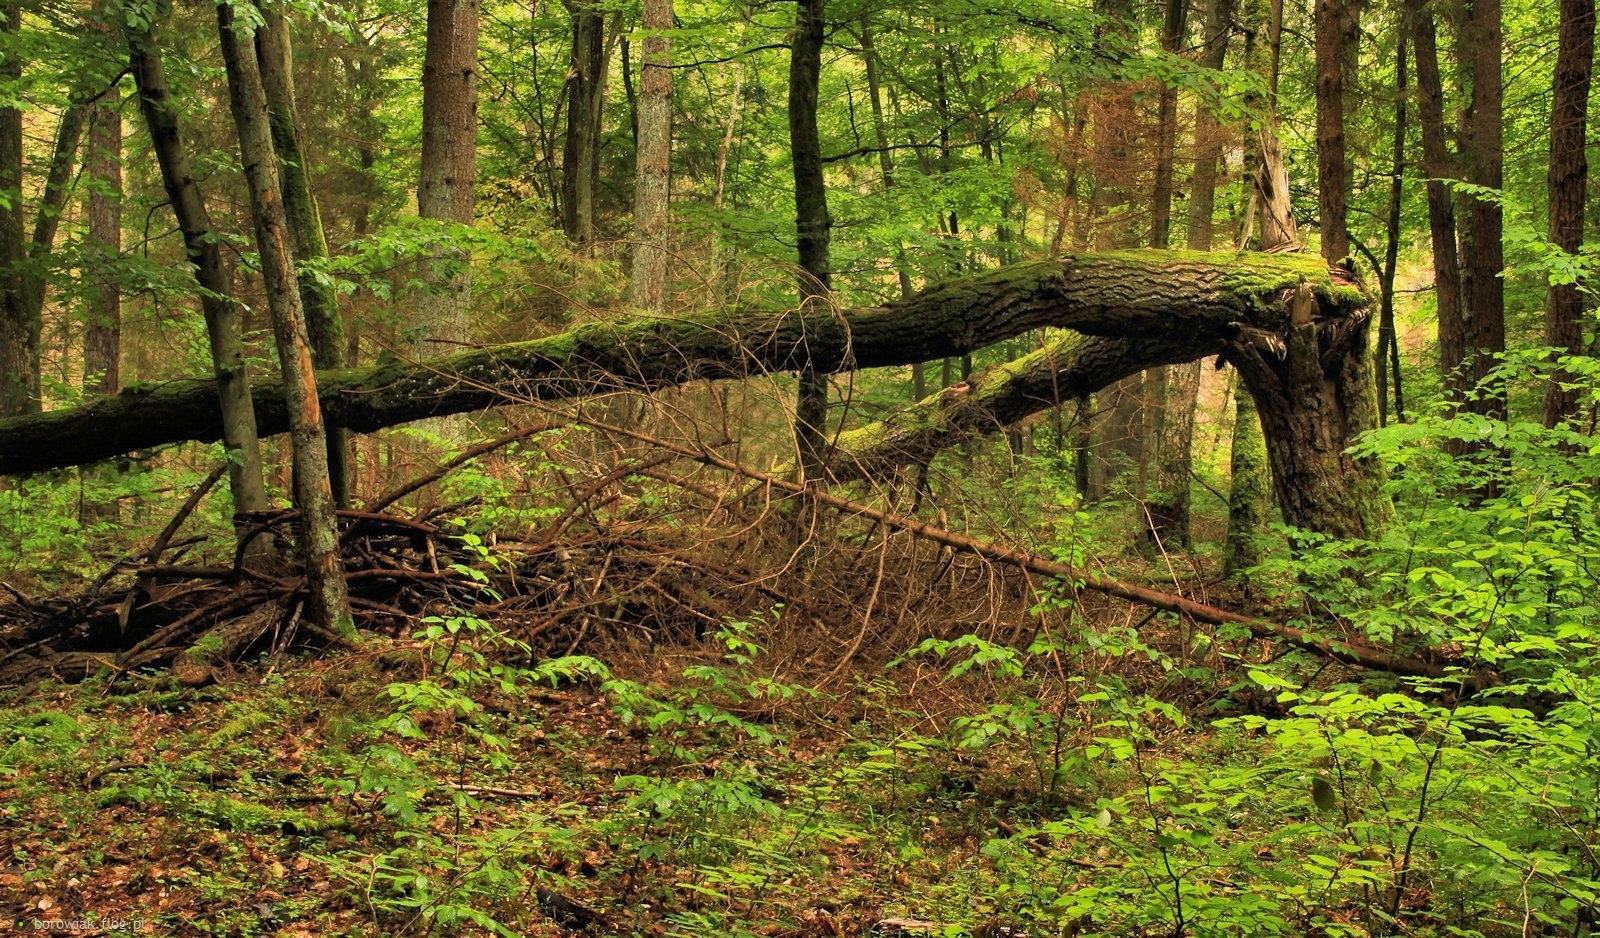 Ciąg dalszy fotozabawy przy jednym drzewie...